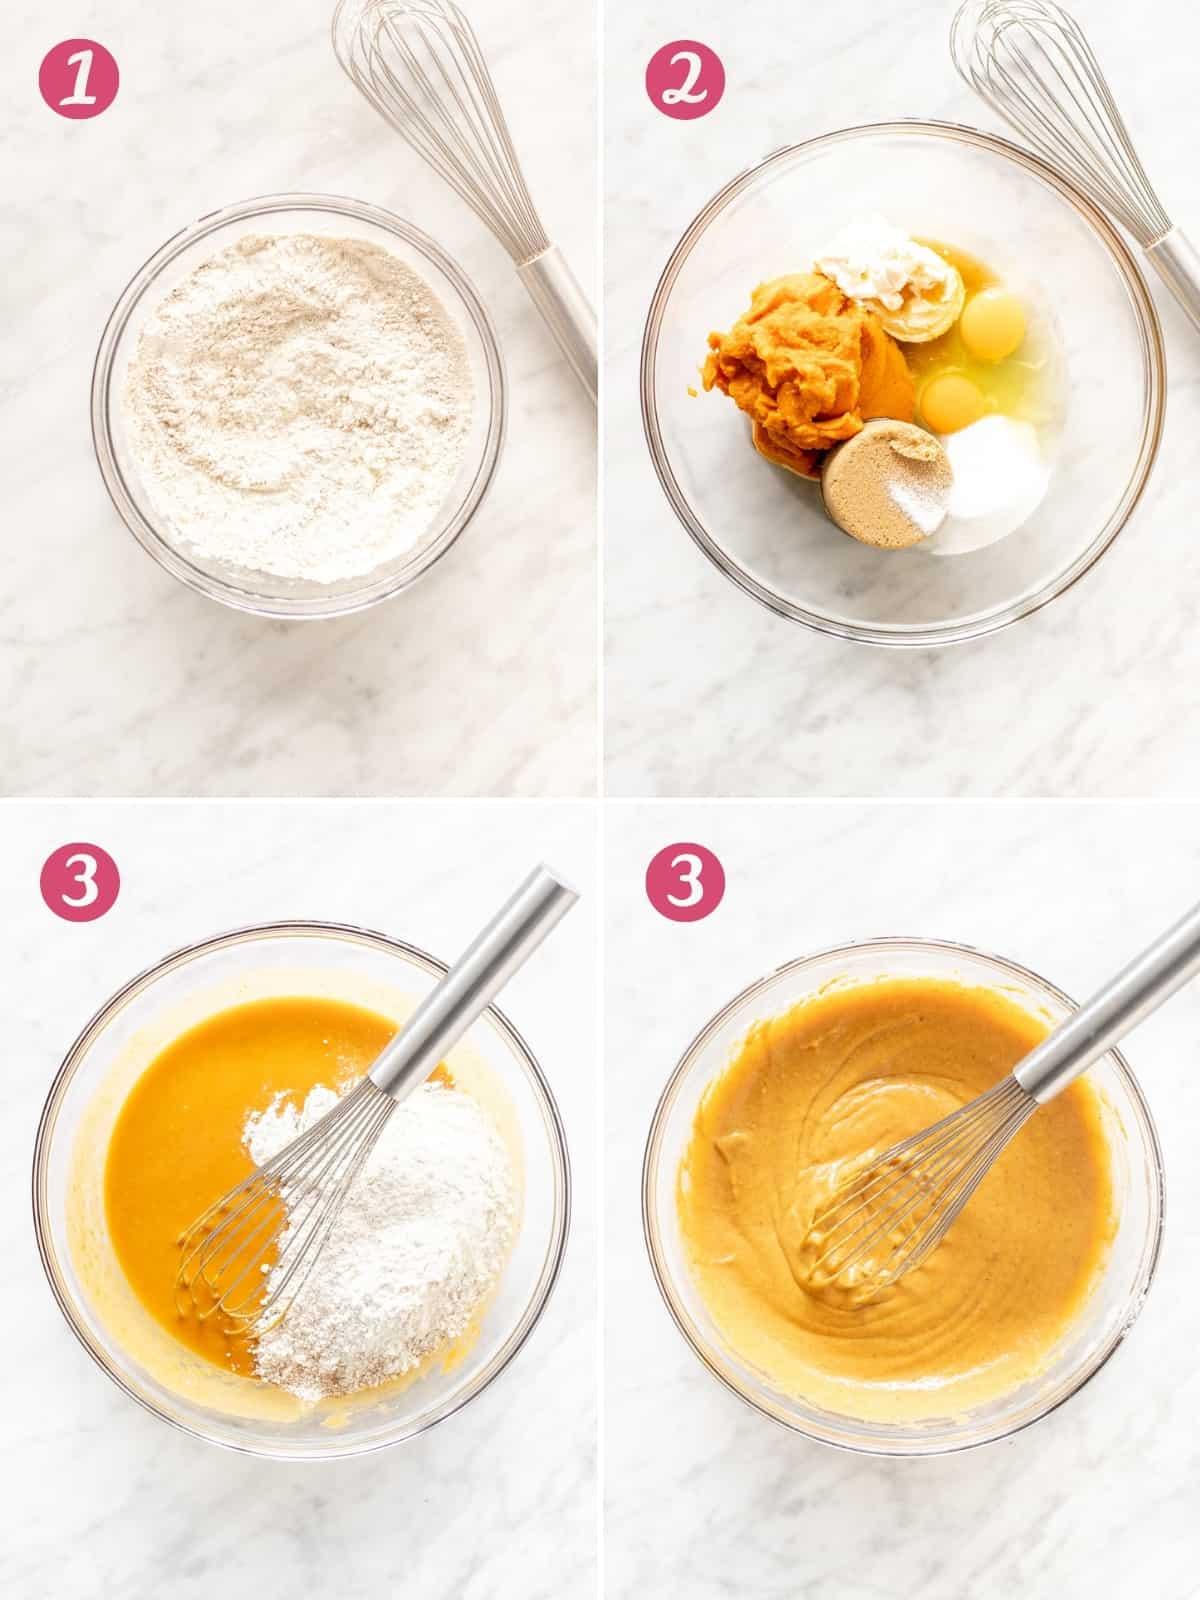 4 photos of making pumpkin muffin batter